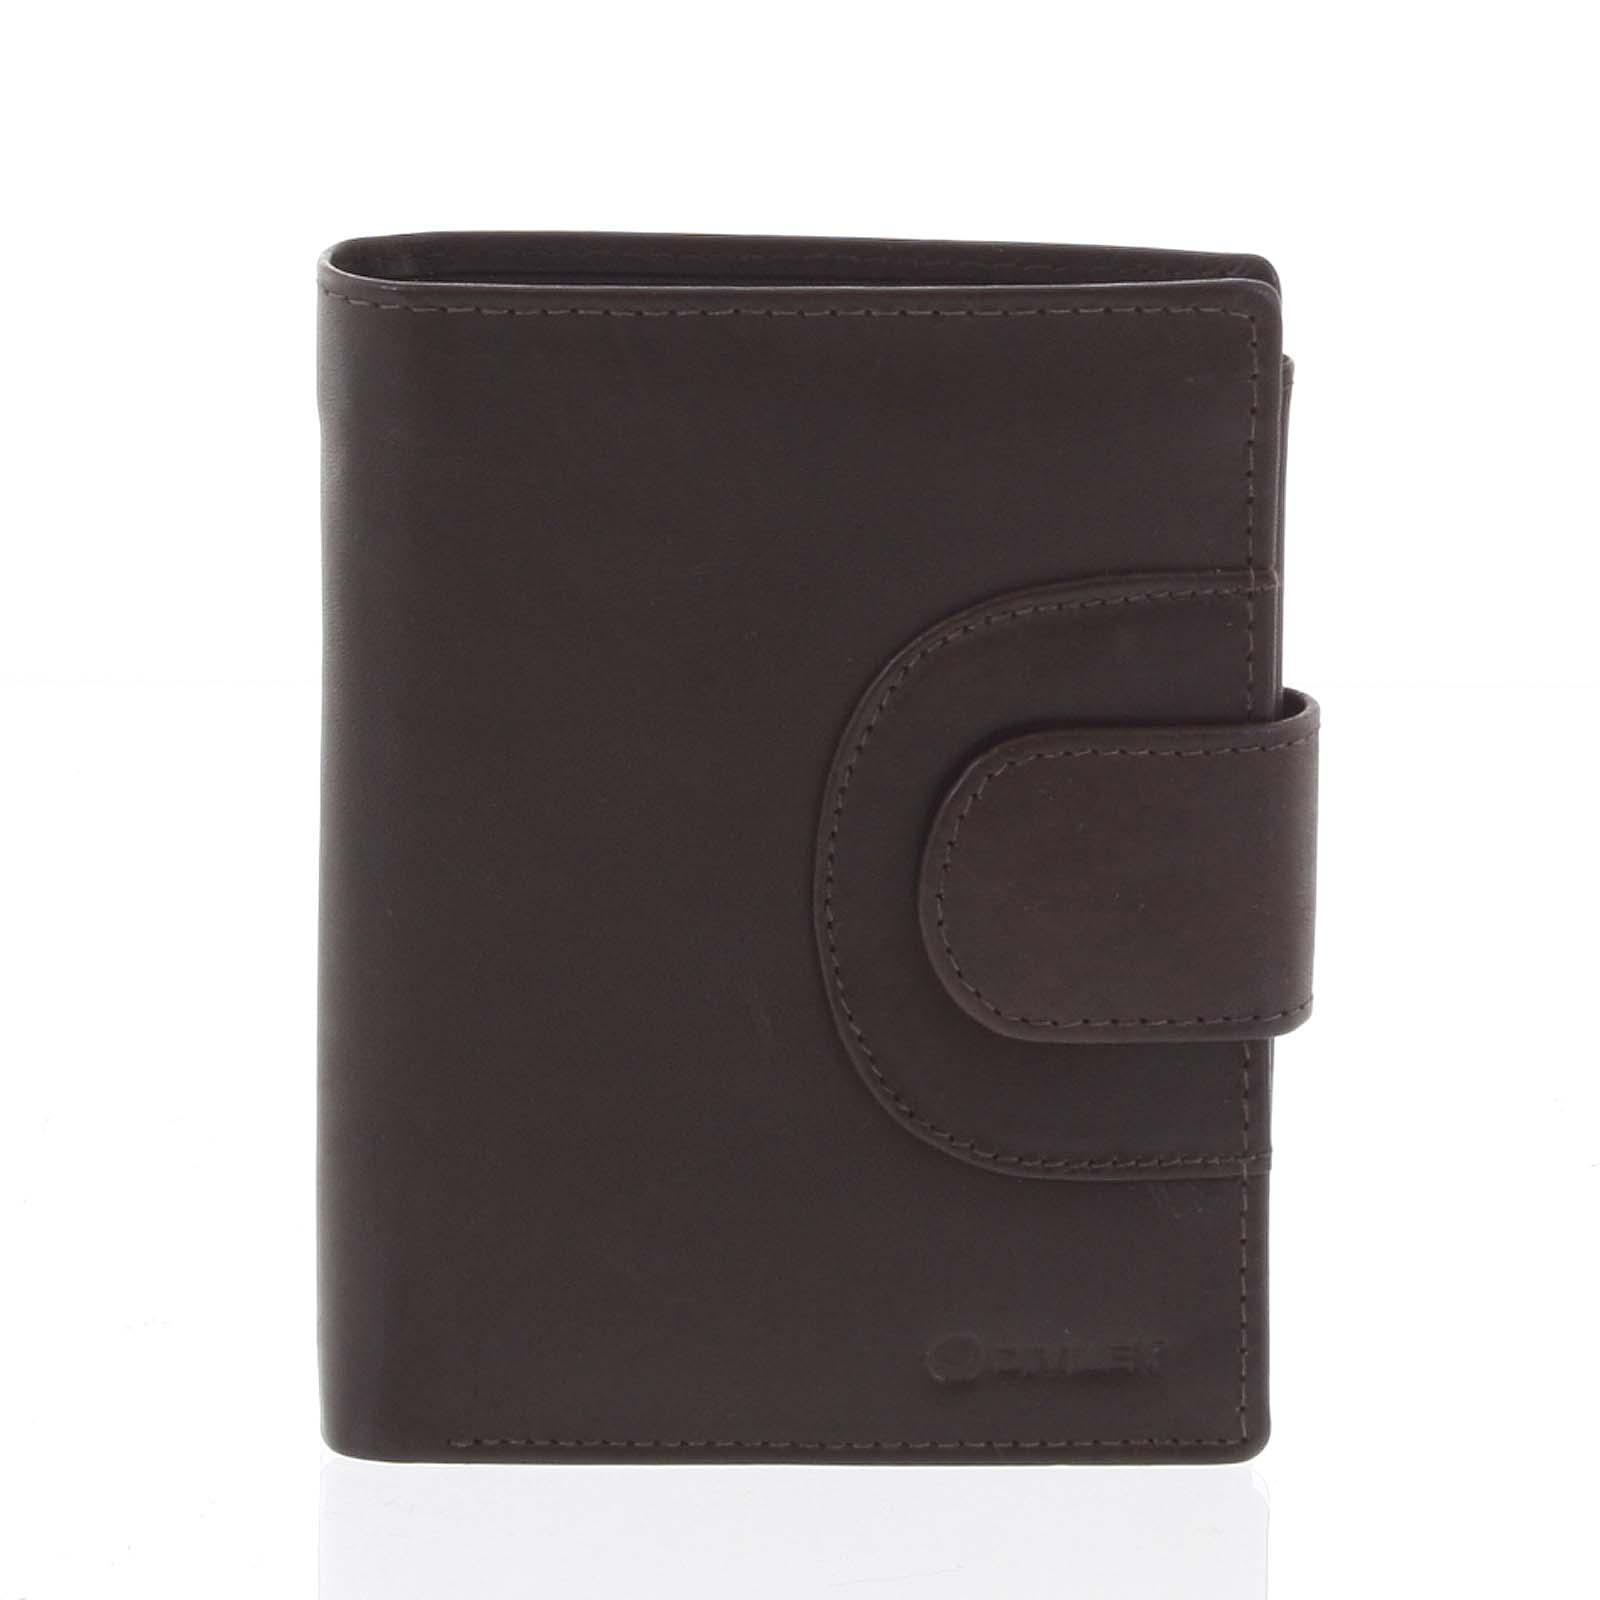 Pánska kožená prešívaná peňaženka hnedá - Diviley Universe hnedá